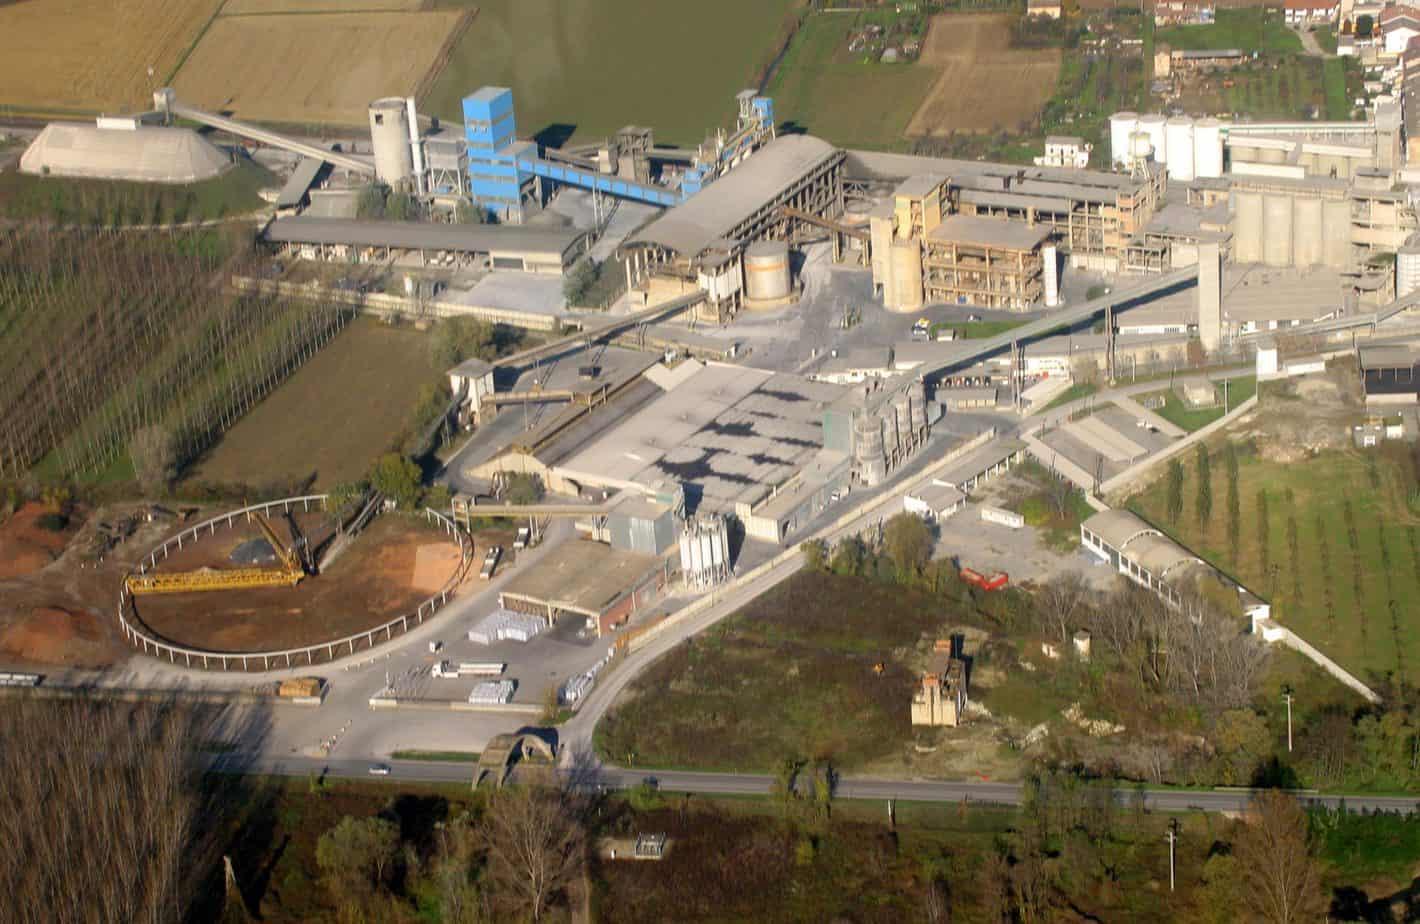 Una vista aerea della cementeria di Trino (VC), sede dei laboratori di Ricerca e Sviluppo dedicati allo studio di leganti speciali